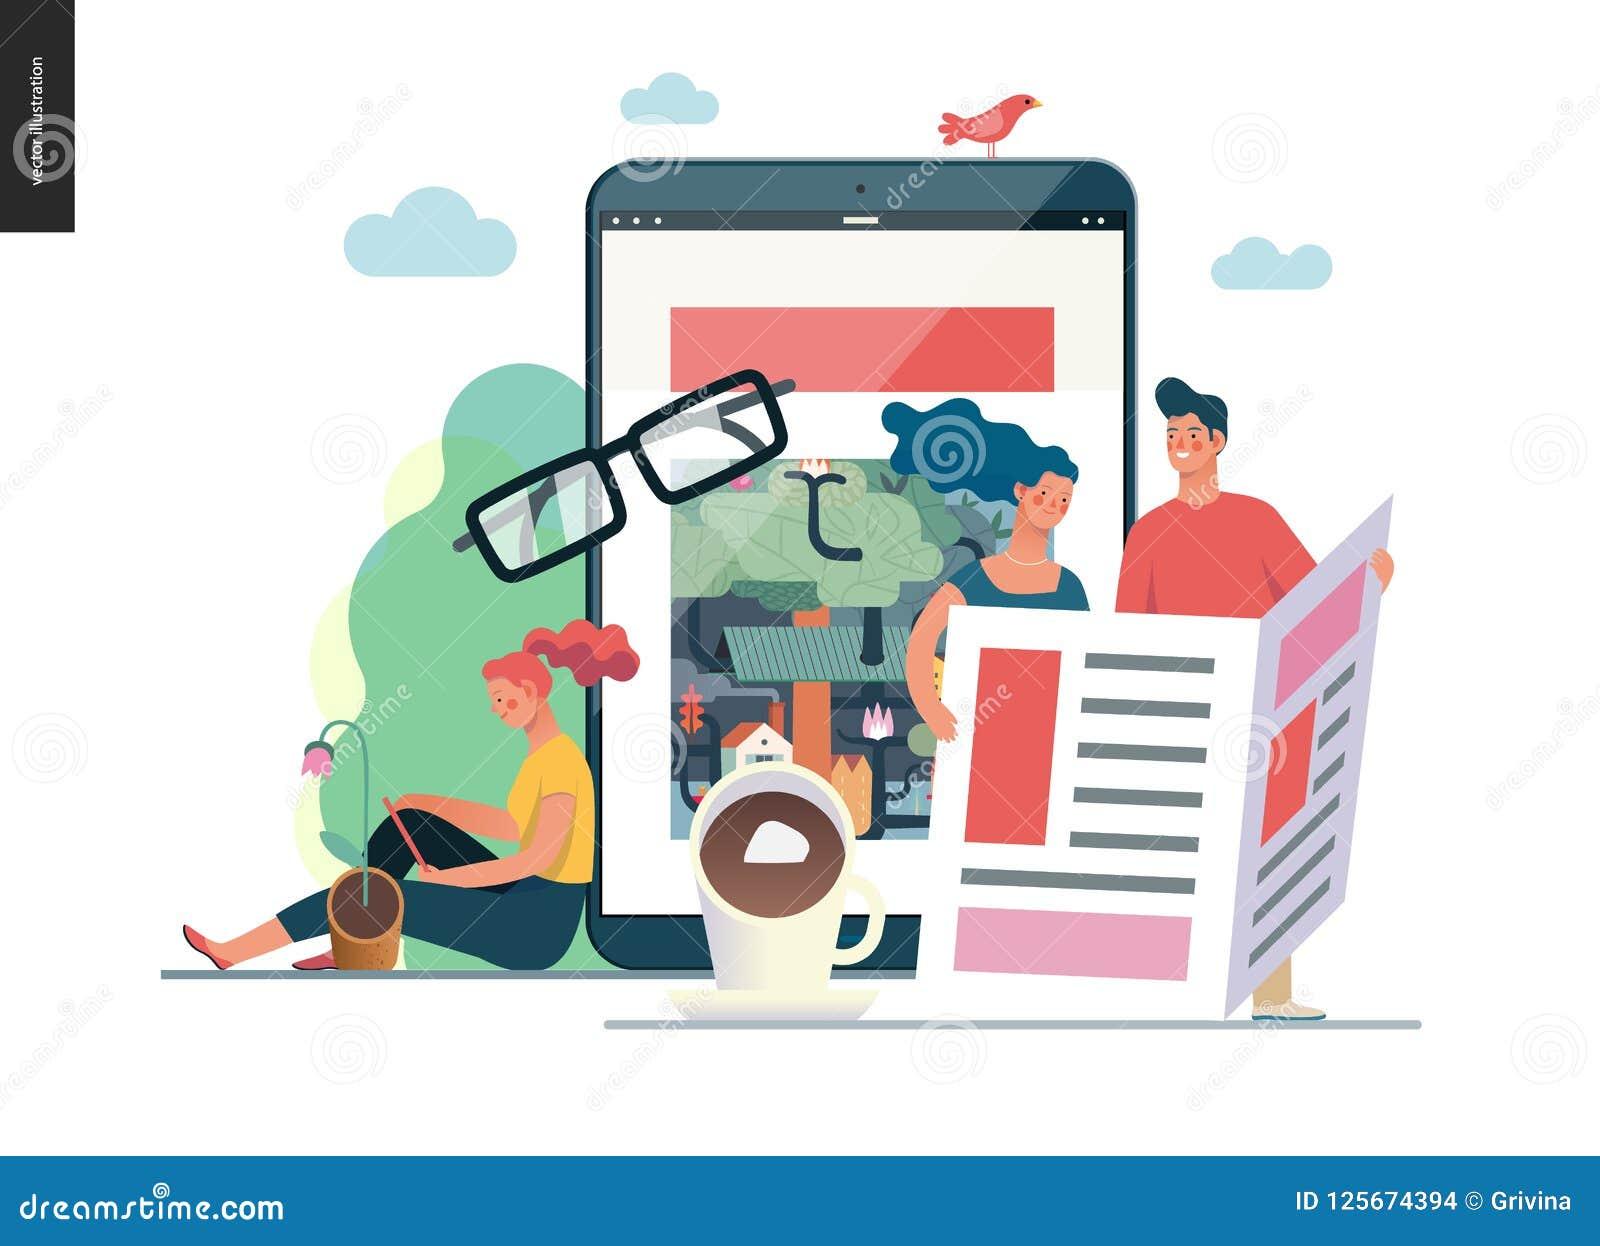 Geschäfts-Reihe - Nachrichten oder Artikel, Netzschablone